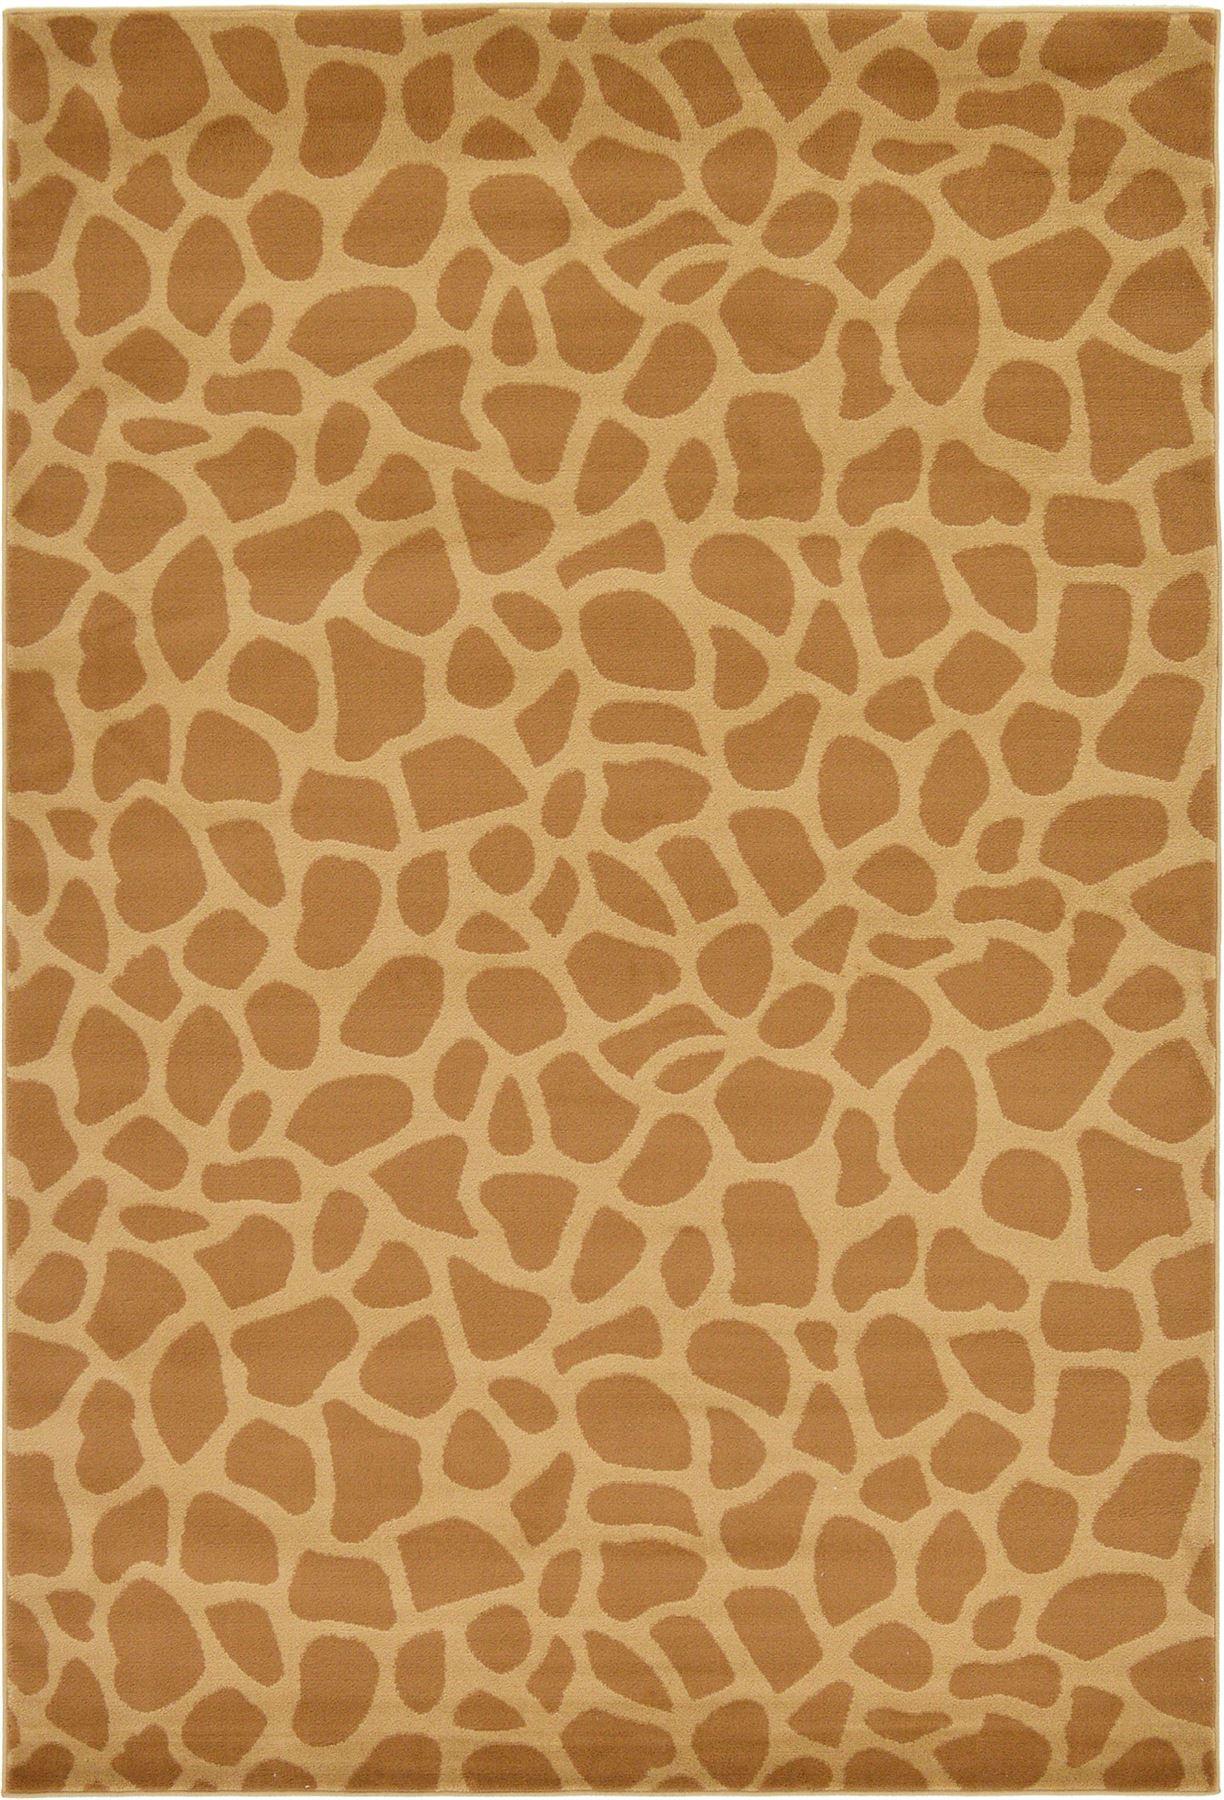 Giraffe Skin Modern Safari Style Area Rug Contemporary